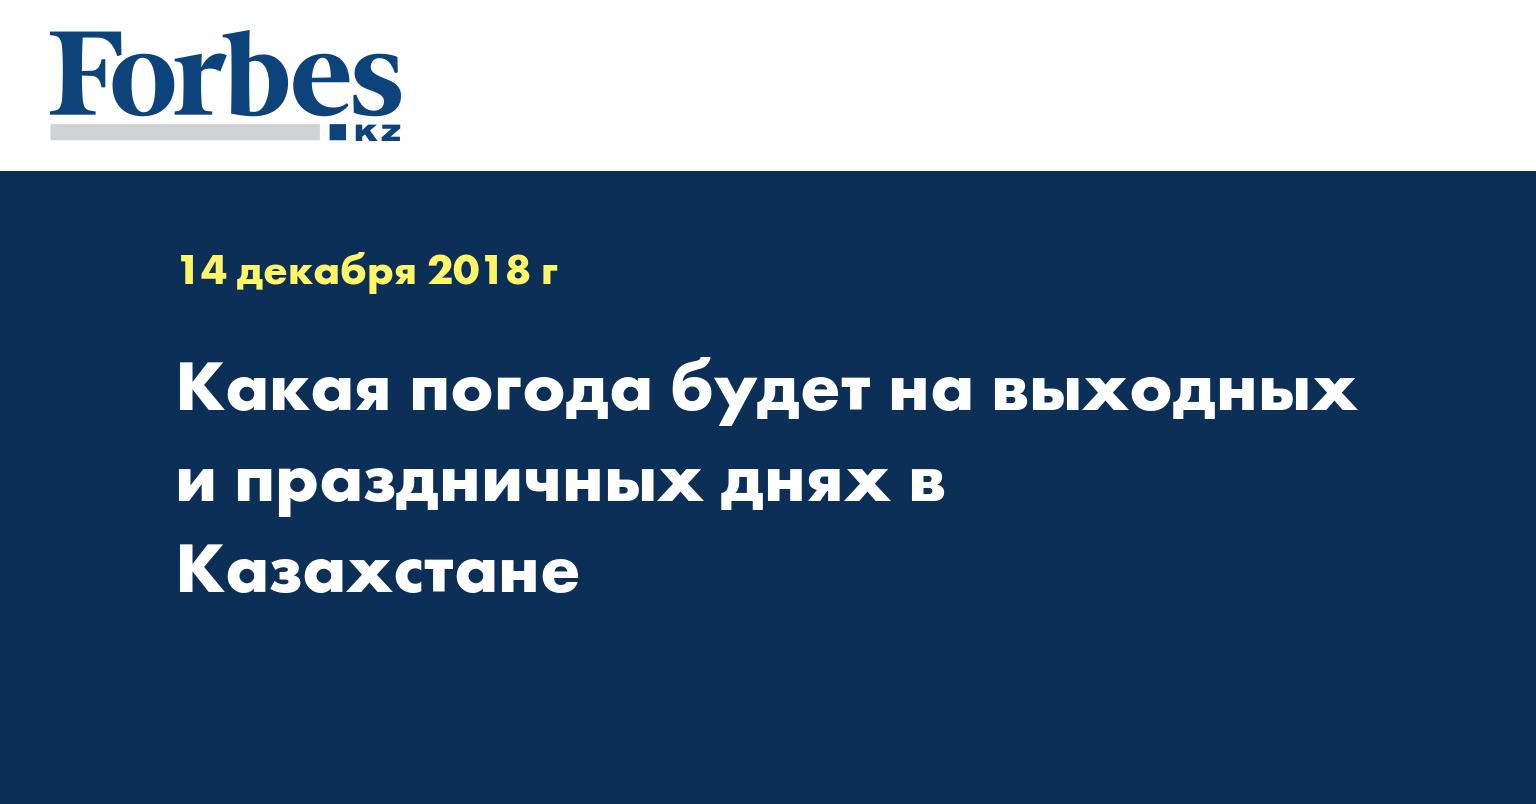 Какая погода будет на выходных и праздничных днях в Казахстане